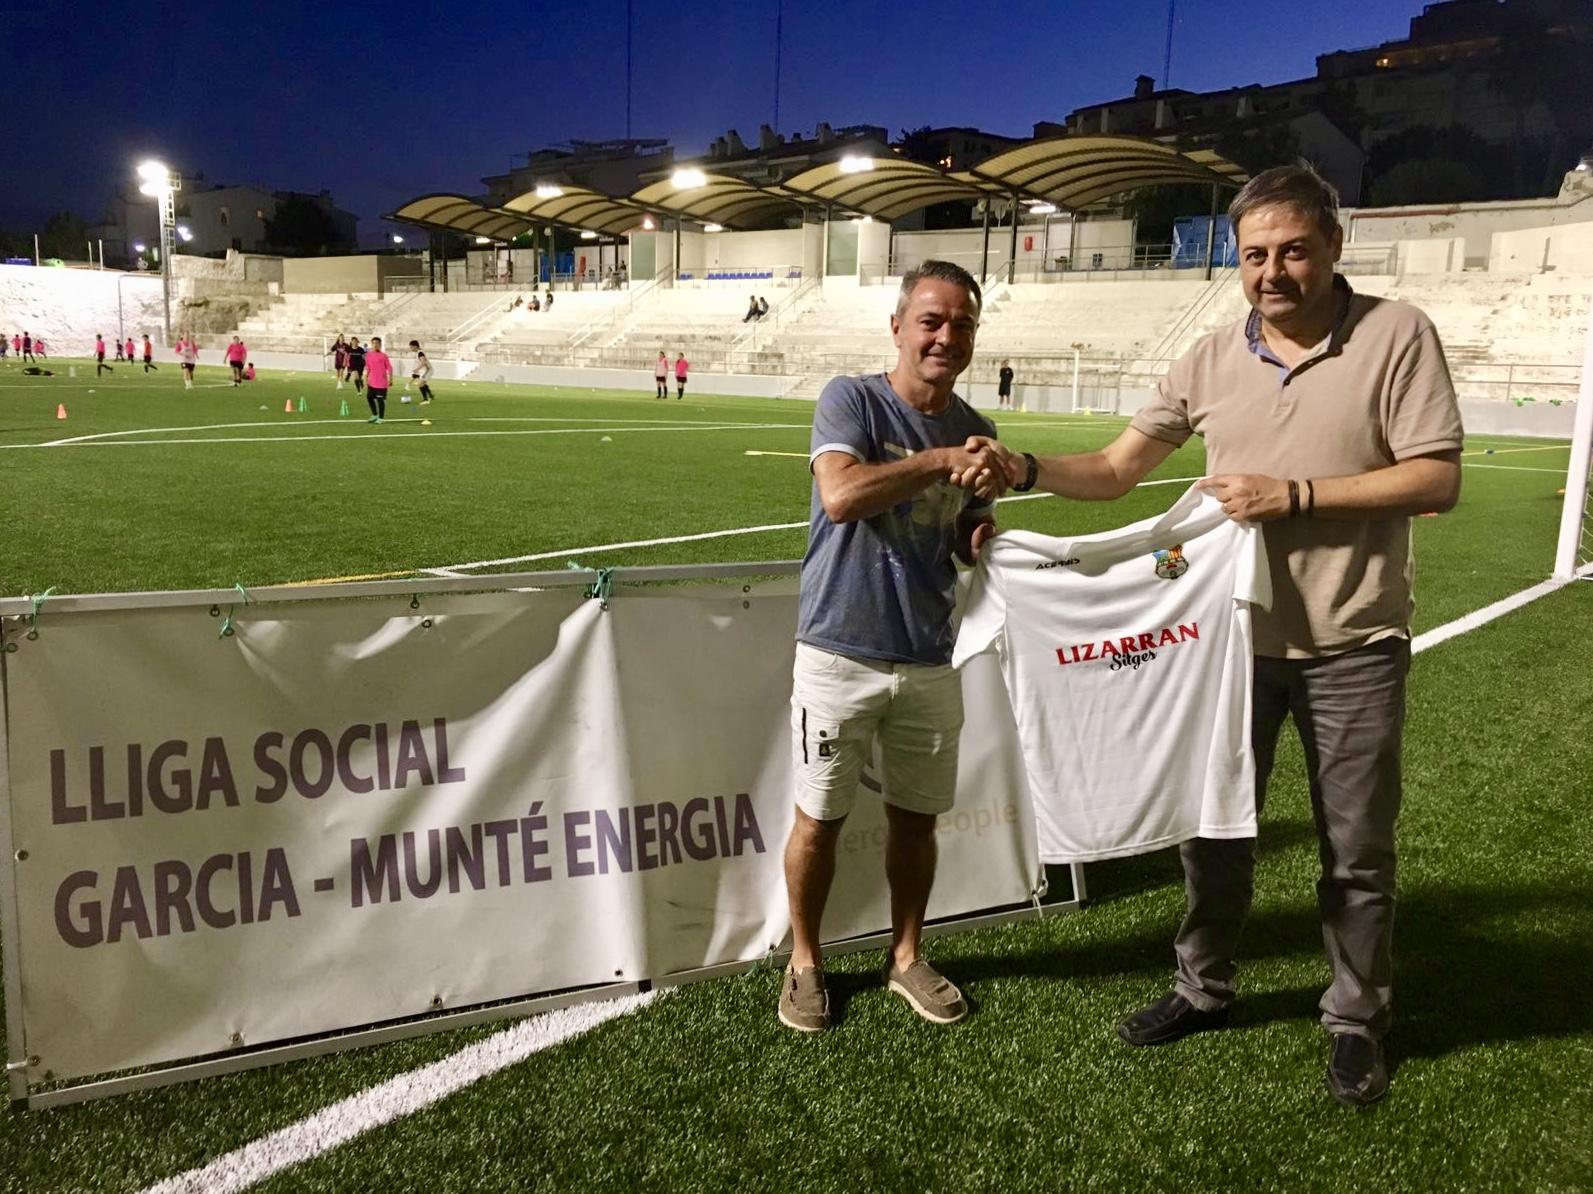 Ernest Serra, nou coordinador de la Lliga Social Garcia-Munté